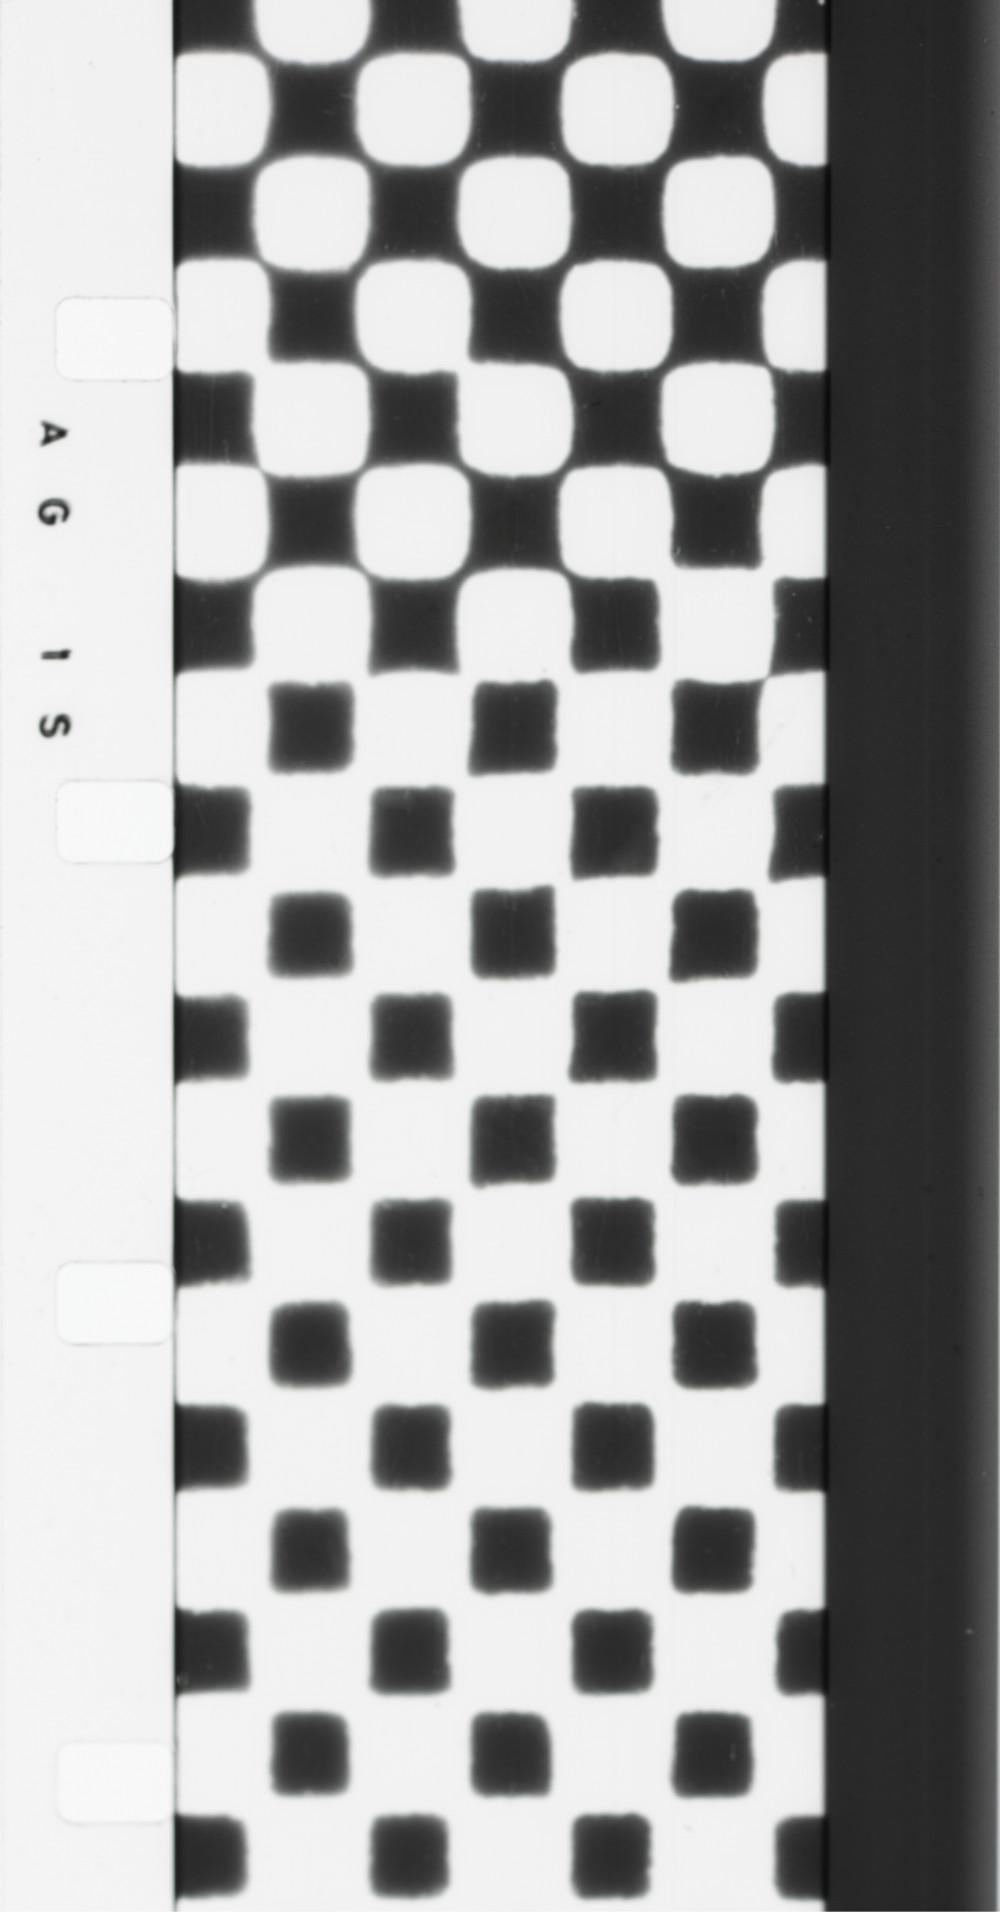 George Maciunas, Artype (Fluxflim n°20), 1966, Film 16 mm, noir et blanc, silencieux, 2 min. 24 sec. Achat 1994 (Photogrammes), © George Maciunas / Adagp, Paris© Centre Pompidou, MNAM-CCI/Service de la documentation photographique du MNAM/Dist.